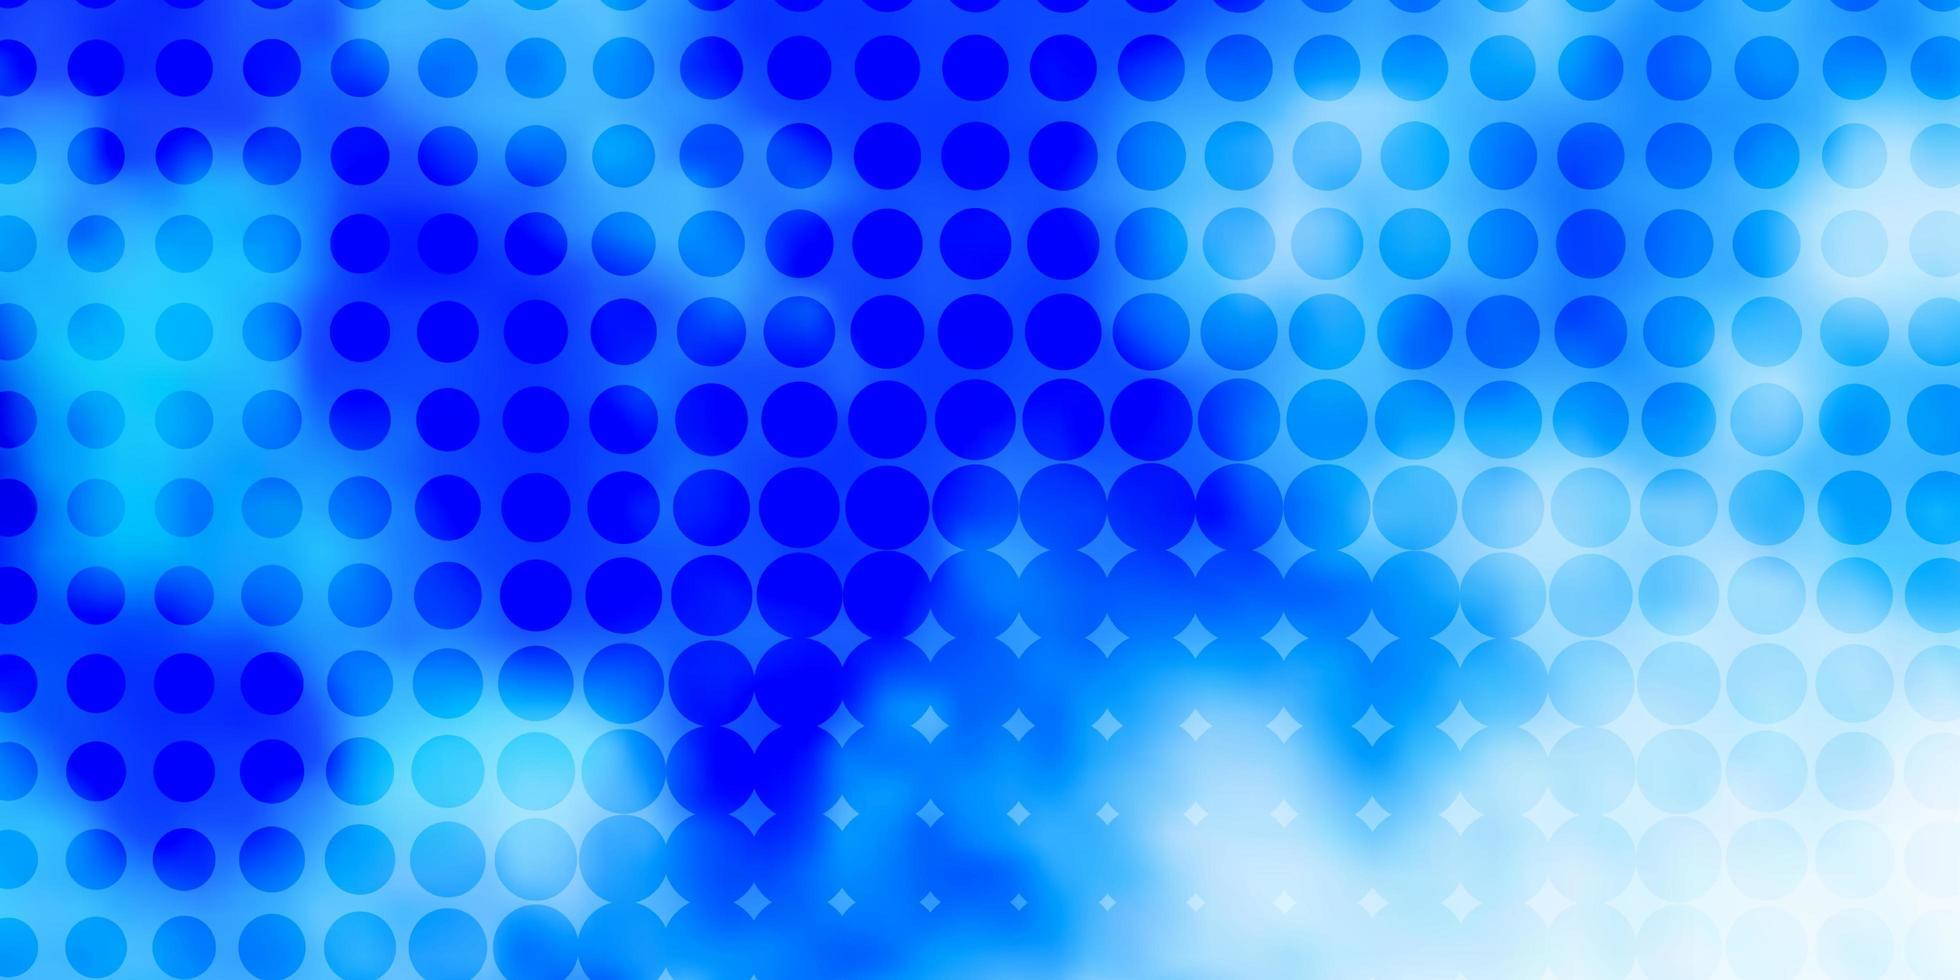 sfondo blu con cerchi. vettore